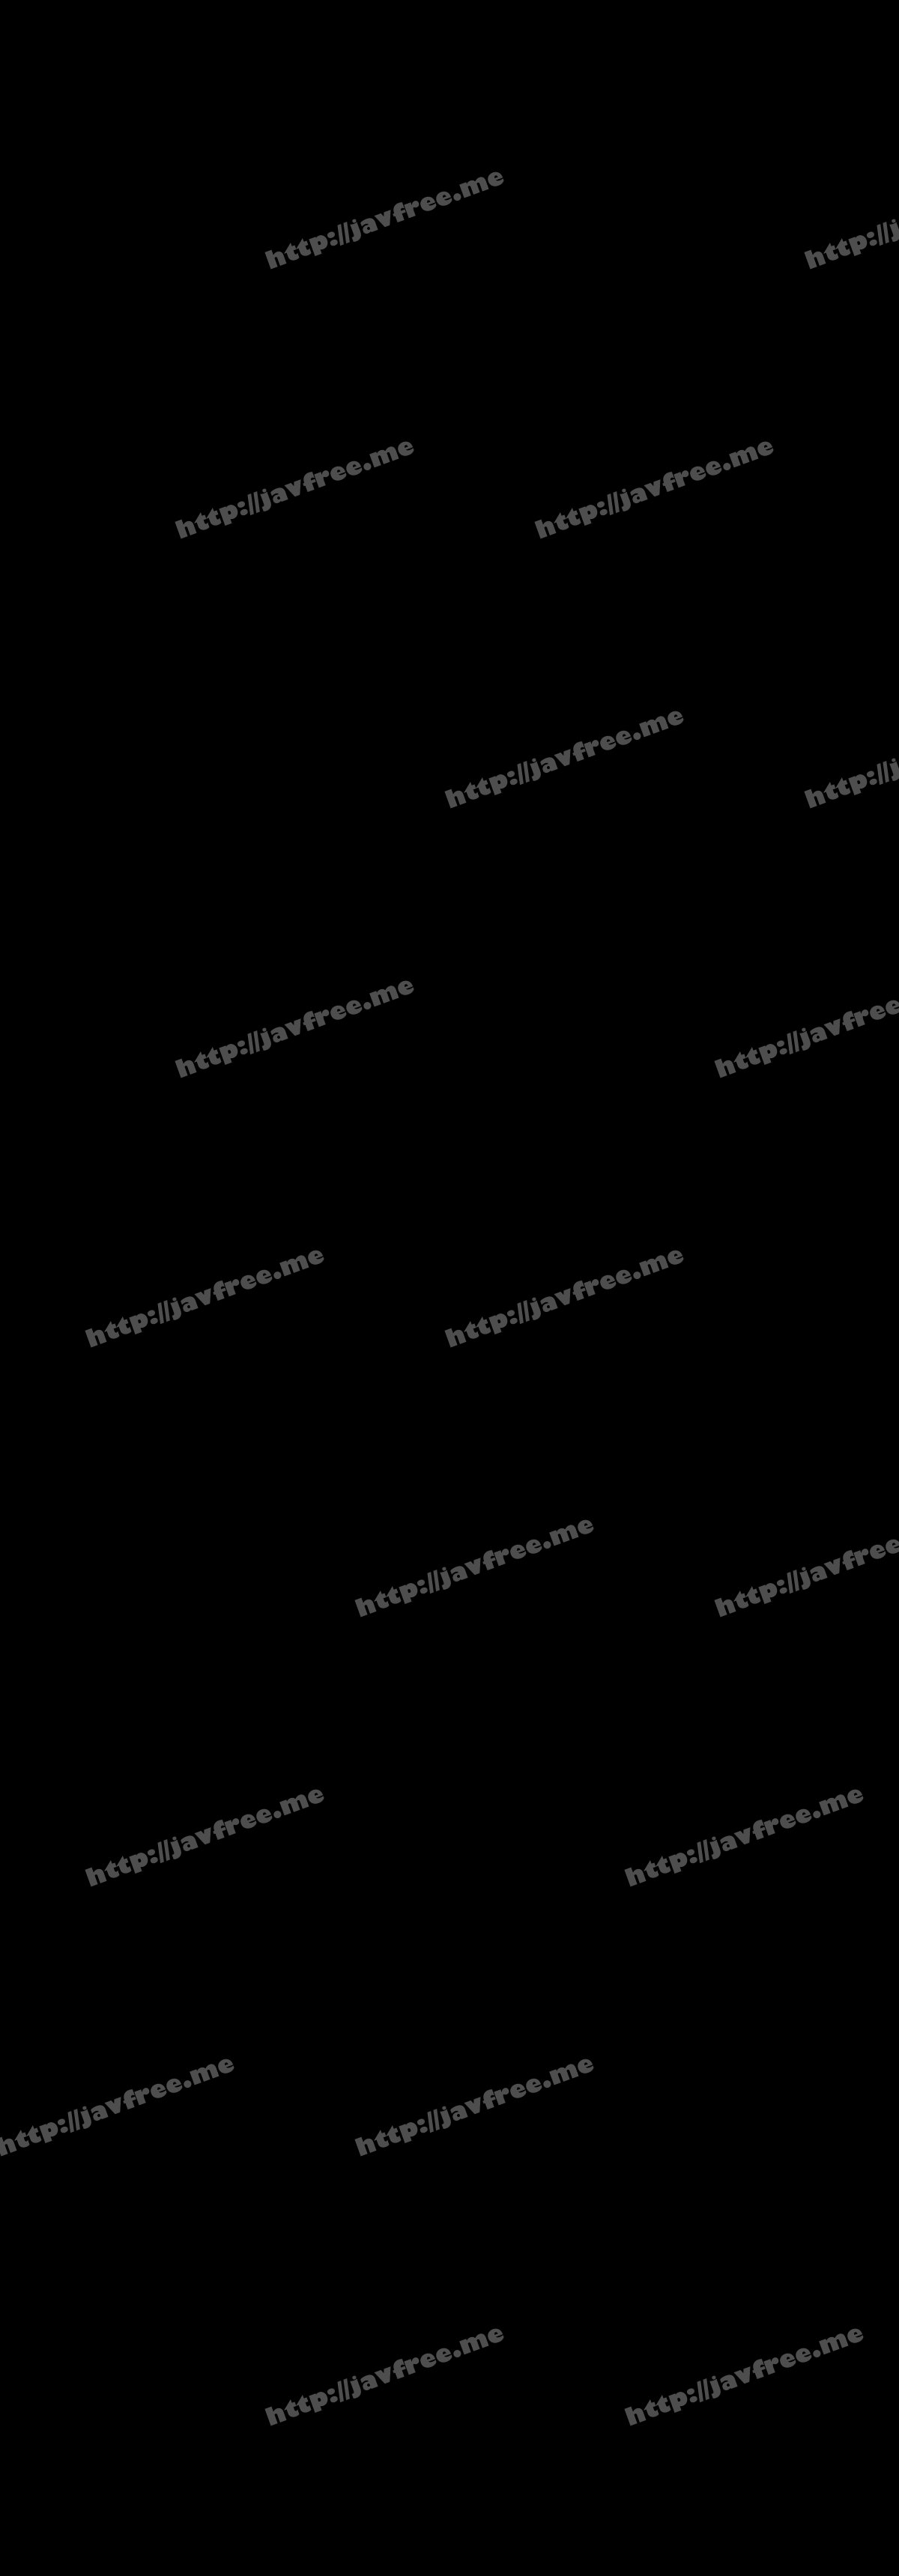 [HD][EBOD-692] 連続射精するまで生ハメ神対応!!無限発射OKソープ嬢 元アイドル稲場るか中出し解禁 - image EBOD-692-1080p on https://javfree.me